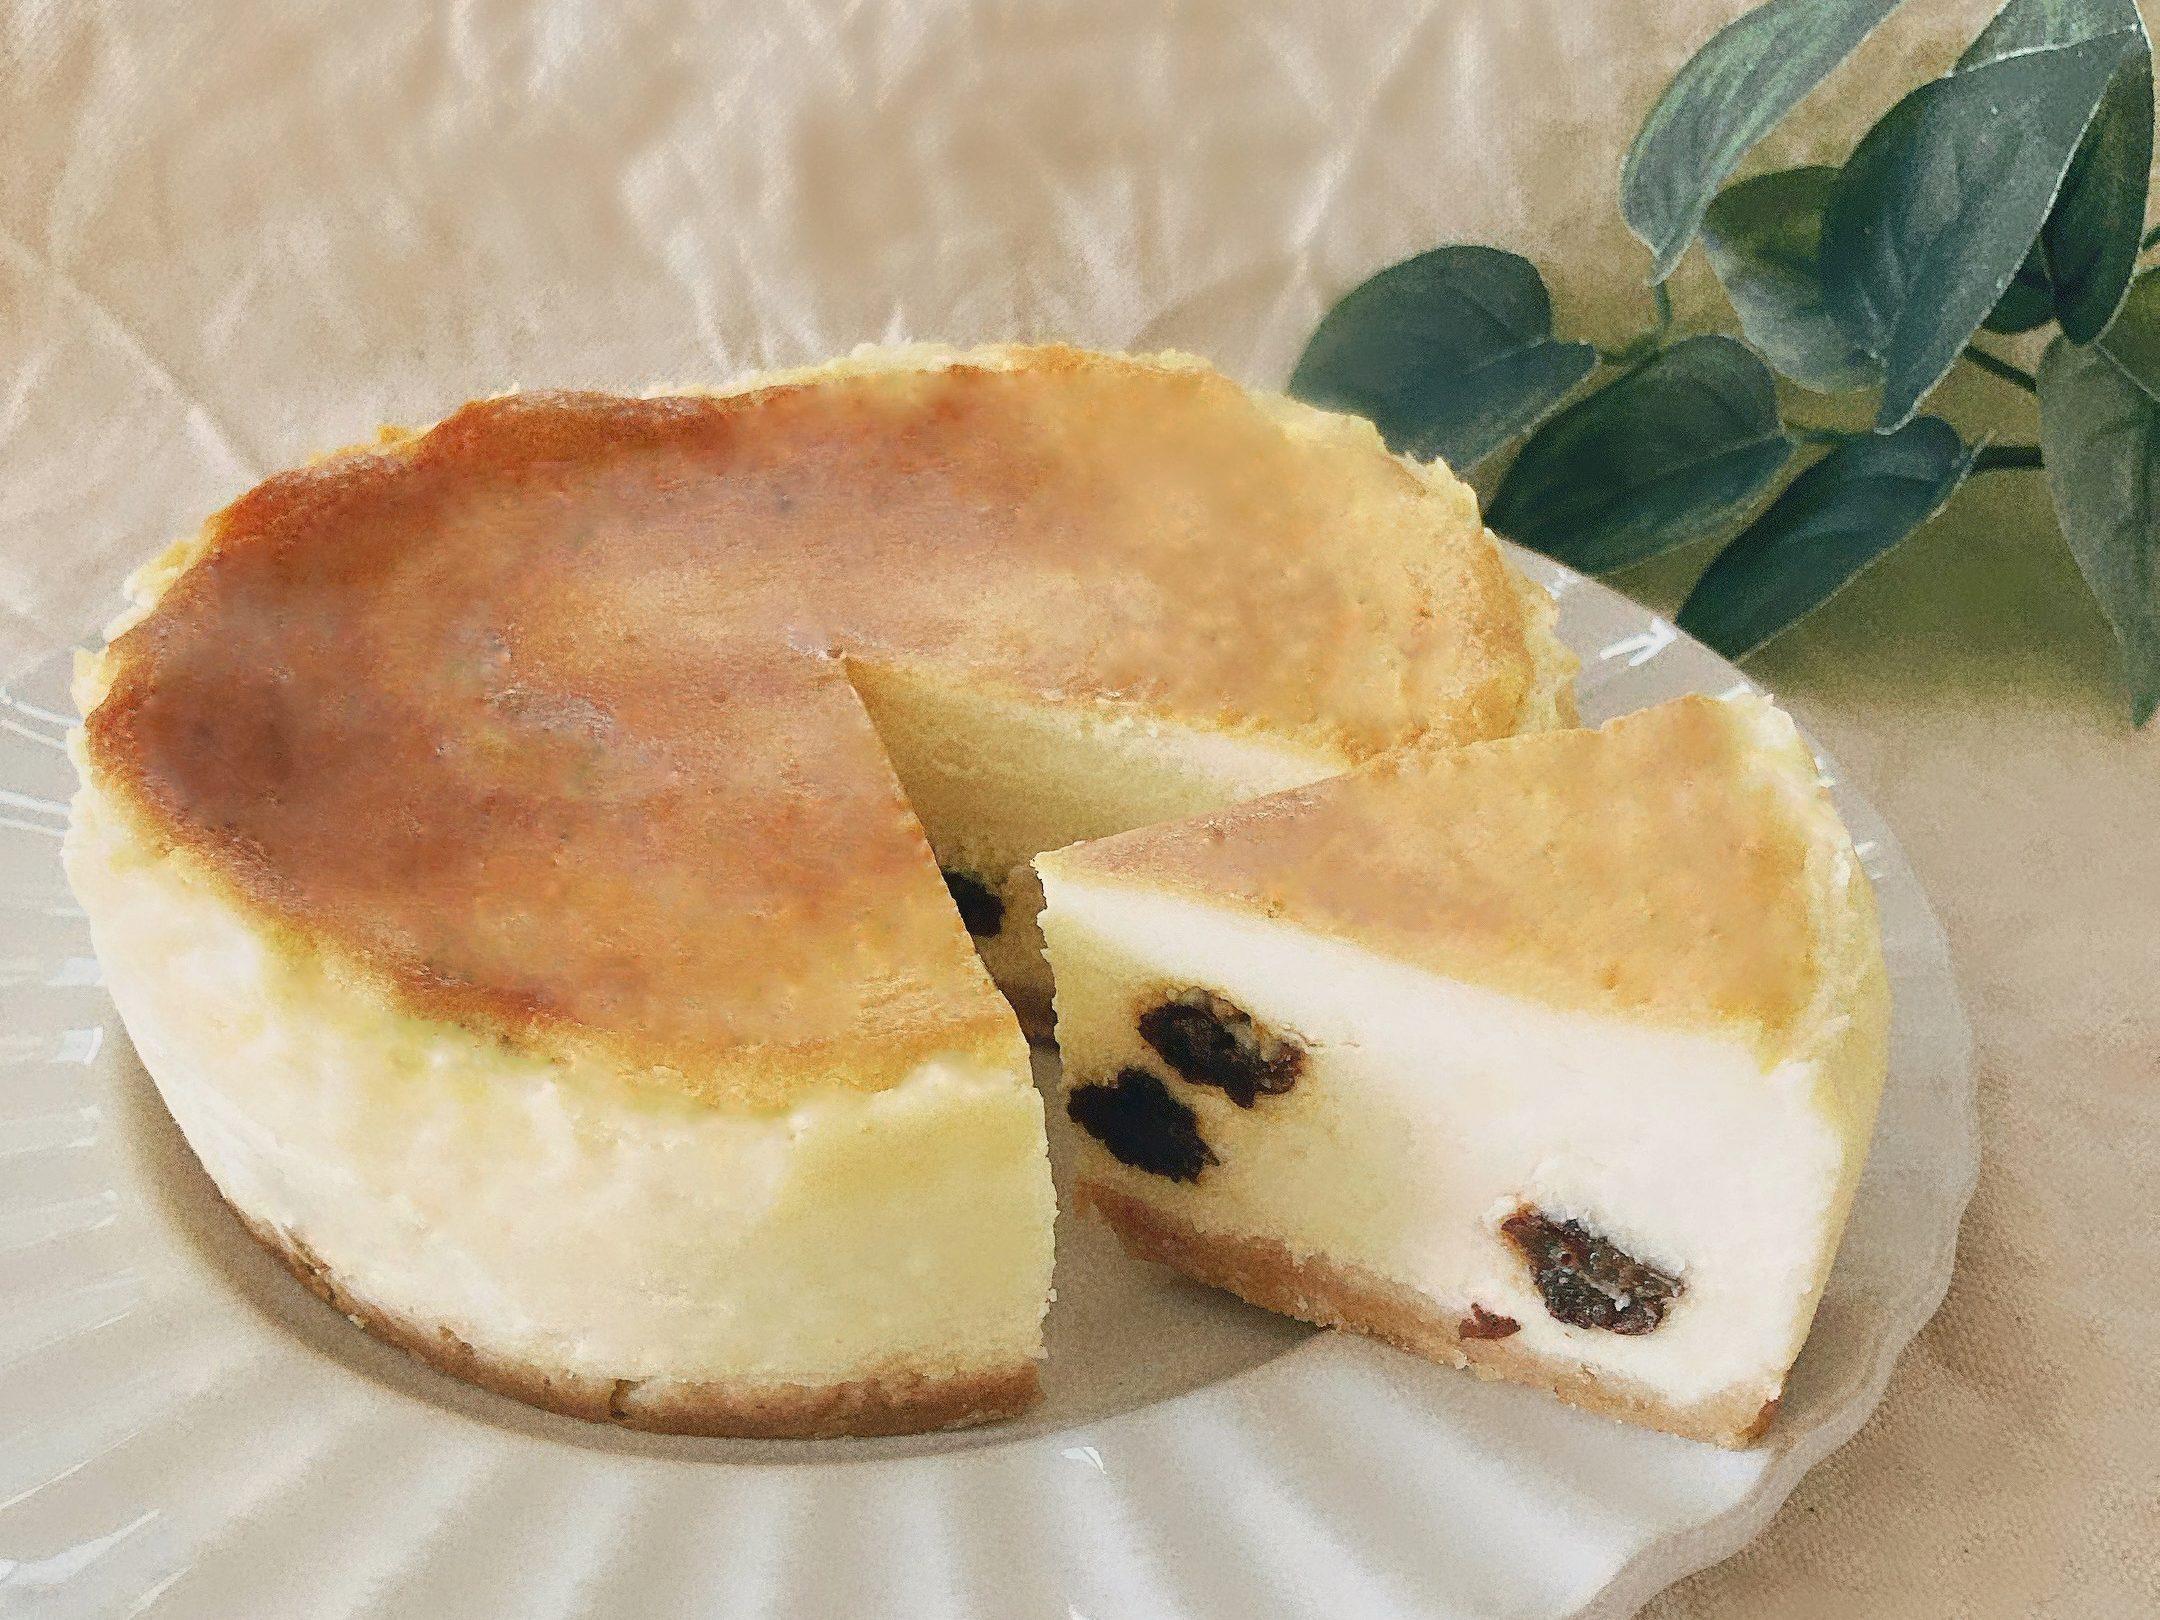 ジャンボフレームレーズン入りニューヨークチーズケーキ